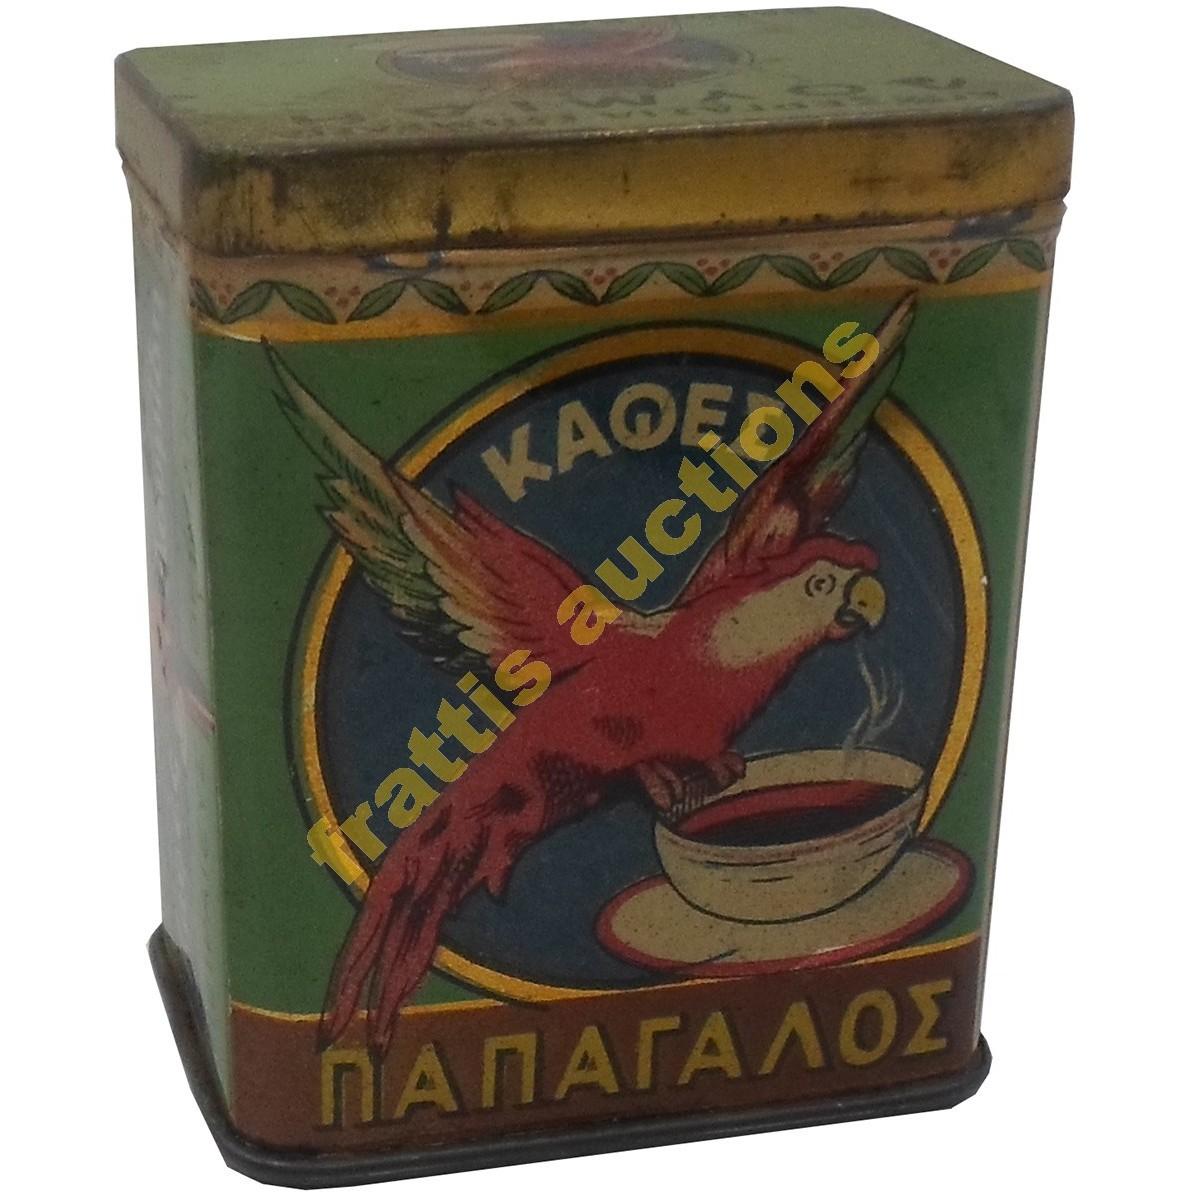 Παπαγάλος, Καφές, μεταλλικό κουτί.